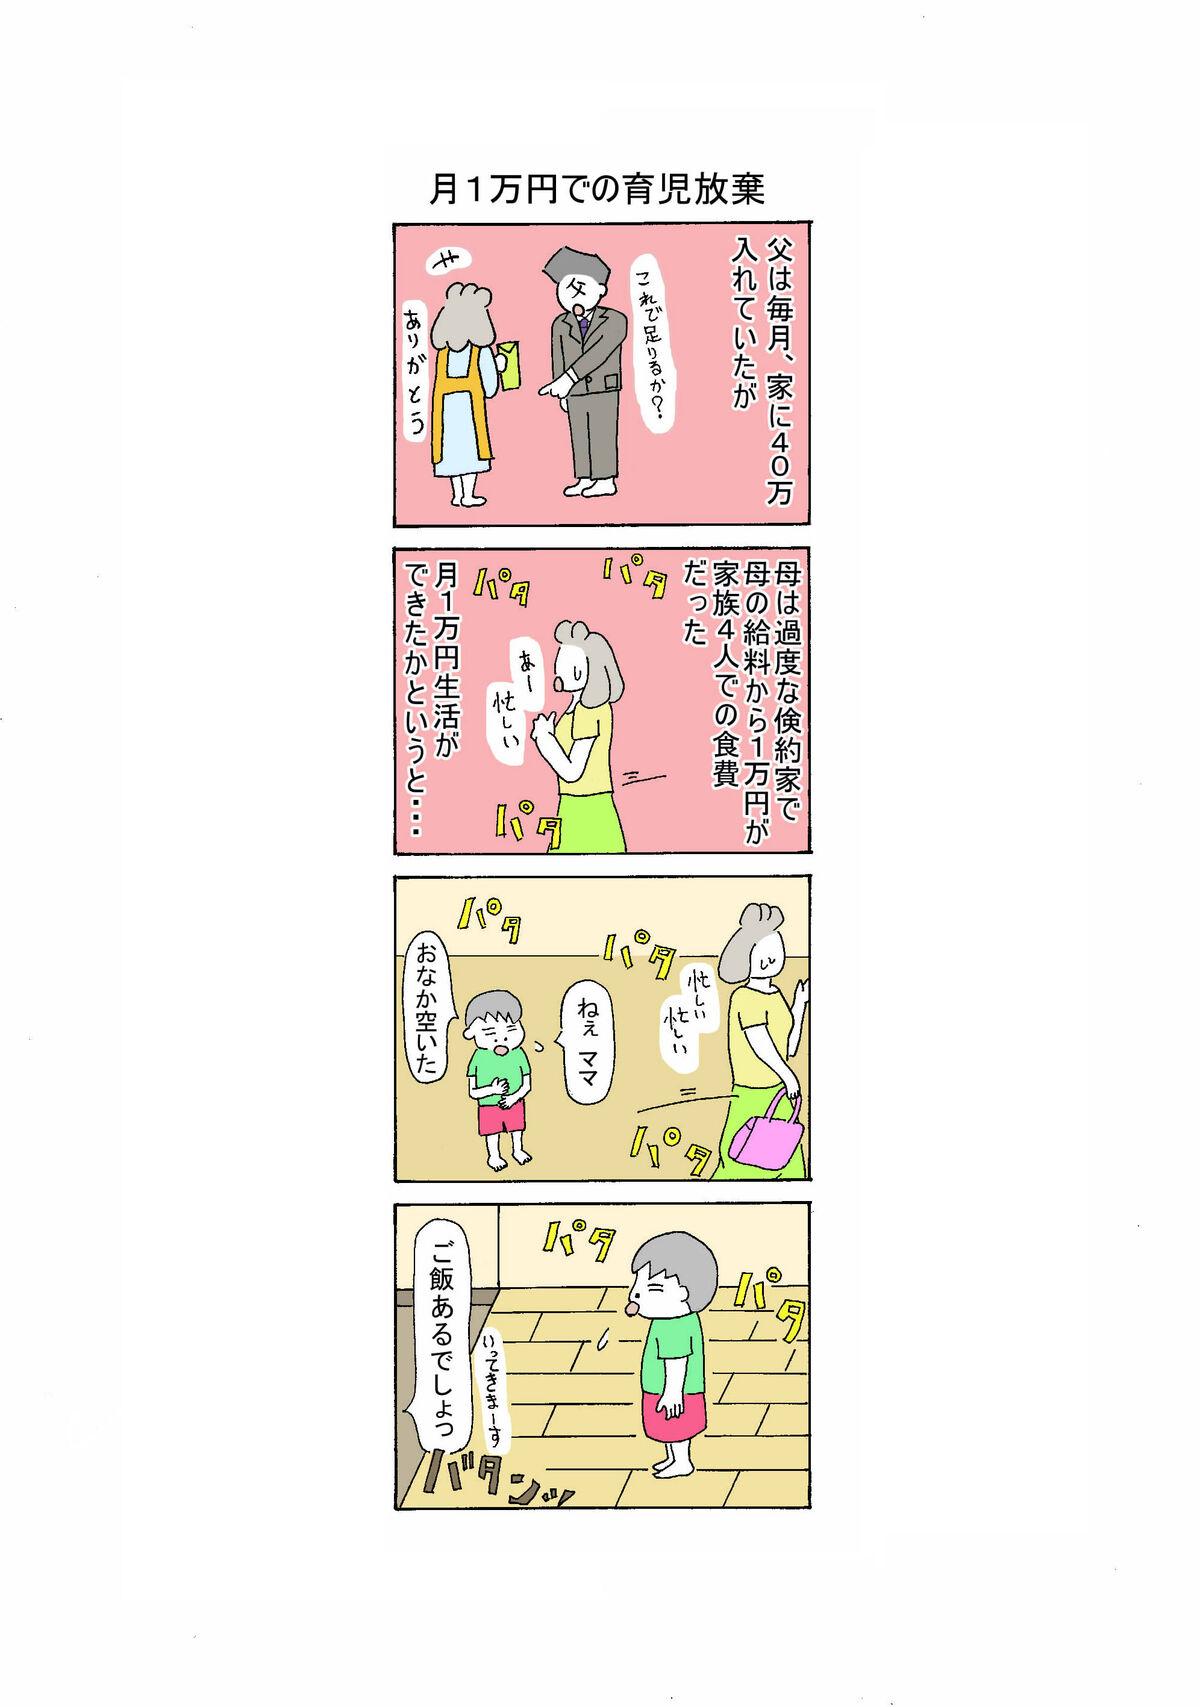 52話 月1万円での育児放棄